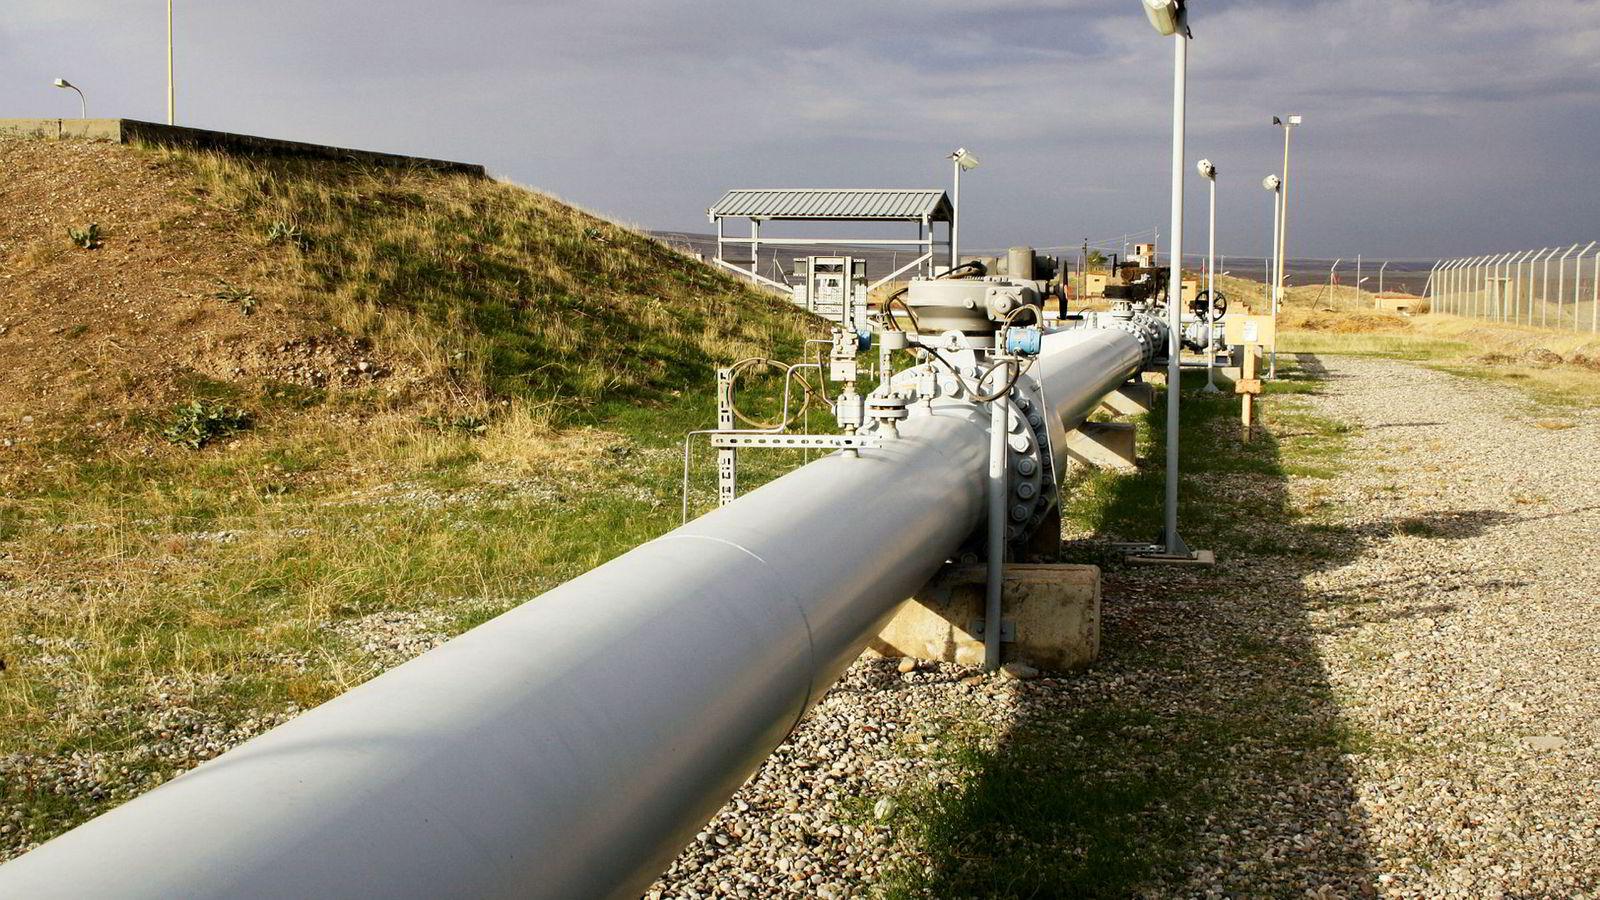 Mesteparten av DNOs oljeinntekter kommer fra Kurdistan i Nord-Irak. Politisk uro og manglende betalinger har lenge tynget aksjen. Bildet viser DNOs oljerørledning i Fishkabour, nord i Irak.